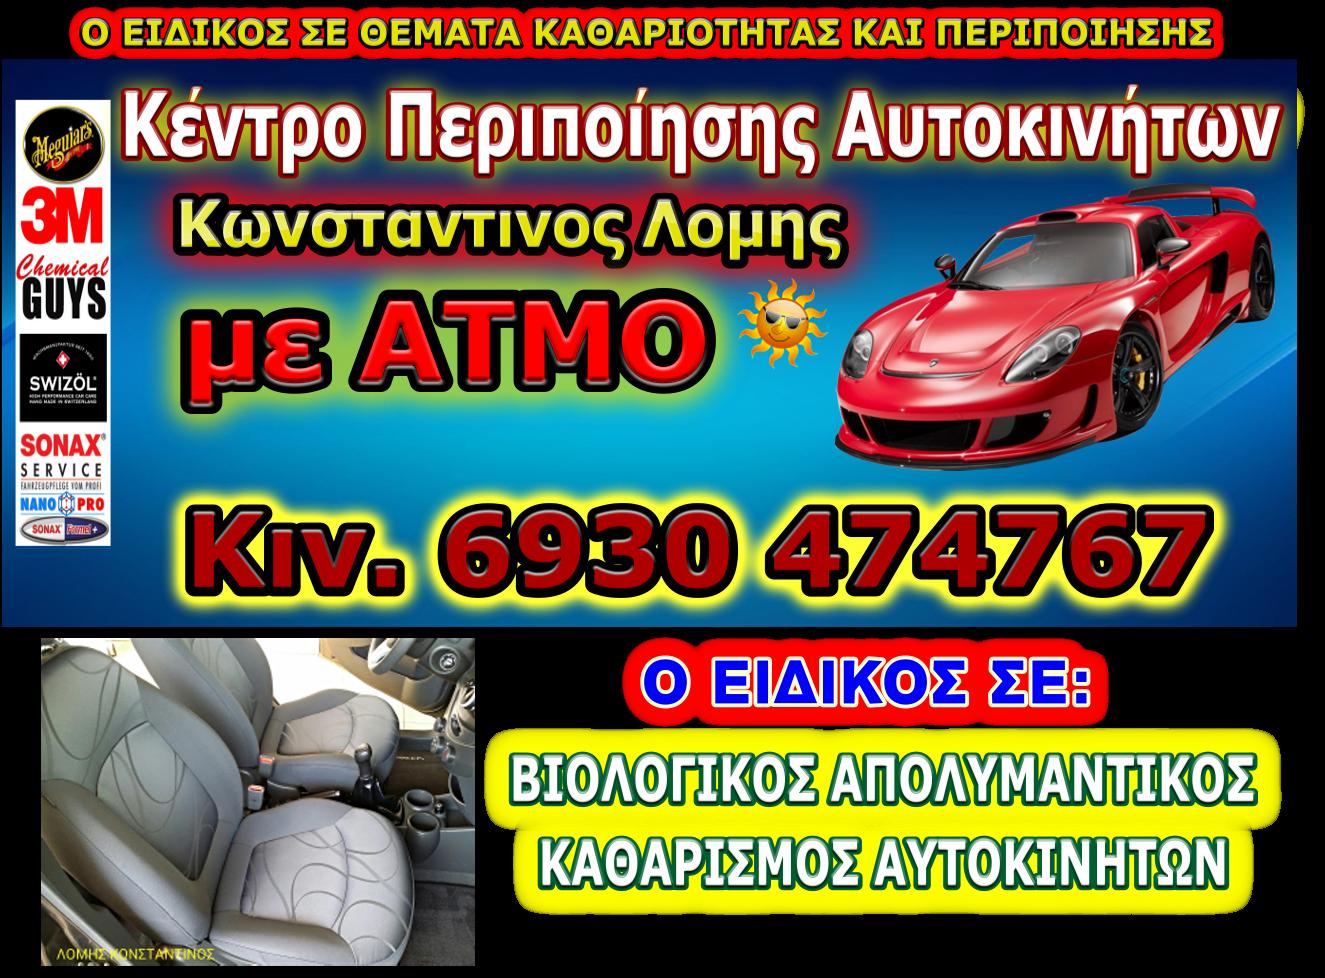 Βιολογικος Καθαρισμος Αυτοκινητου Αθηνα